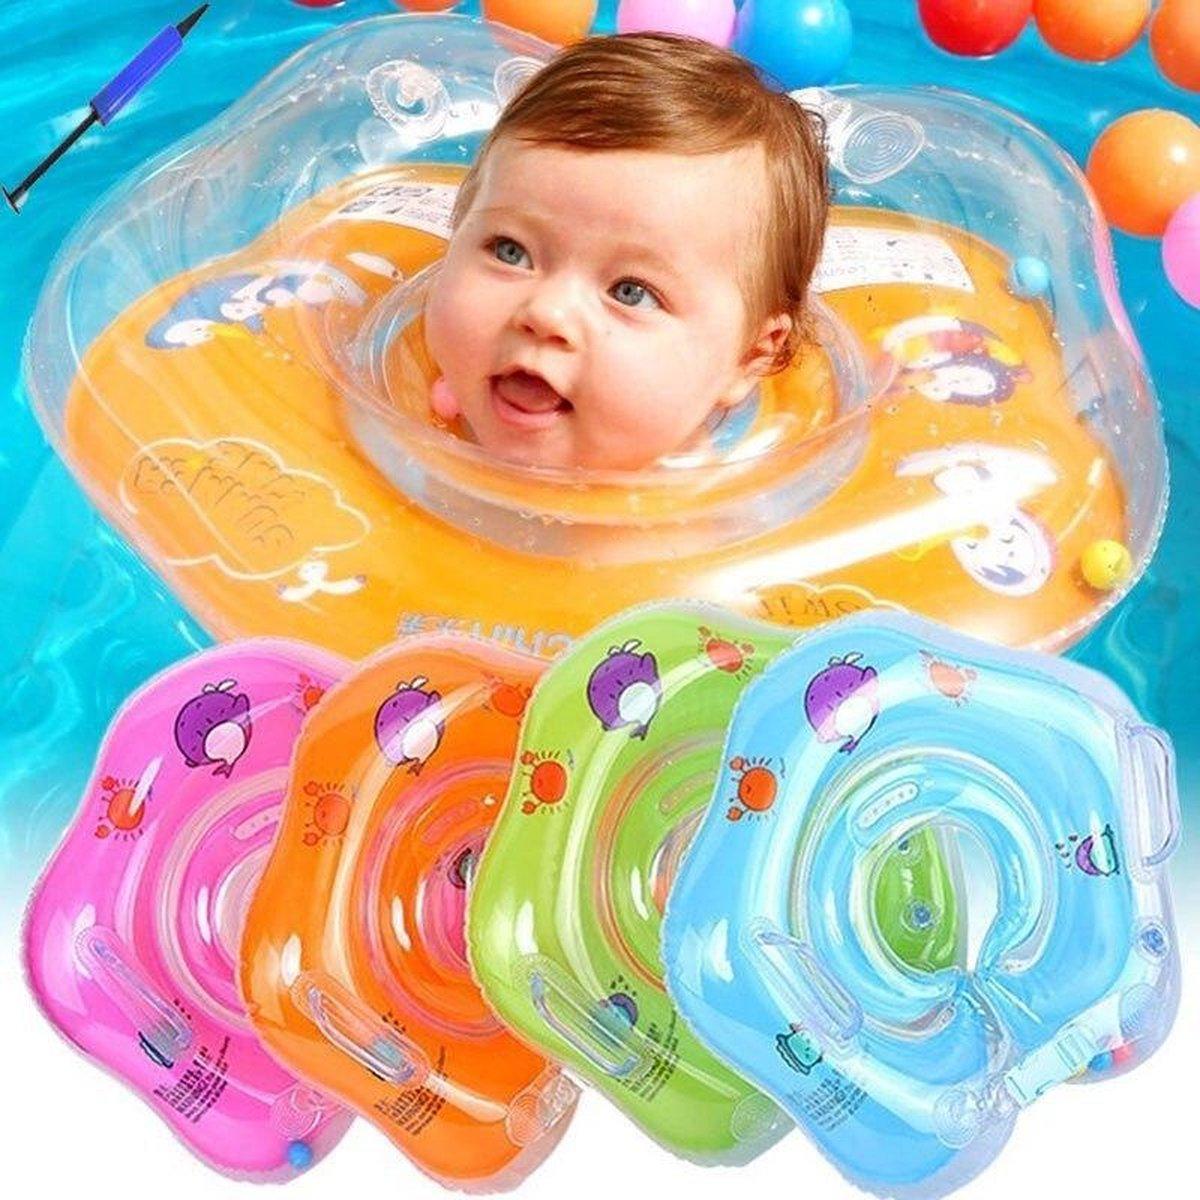 MaxiSales - Baby Zwemband - Zwemmen of lekker dobberen met je baby! - Blauw